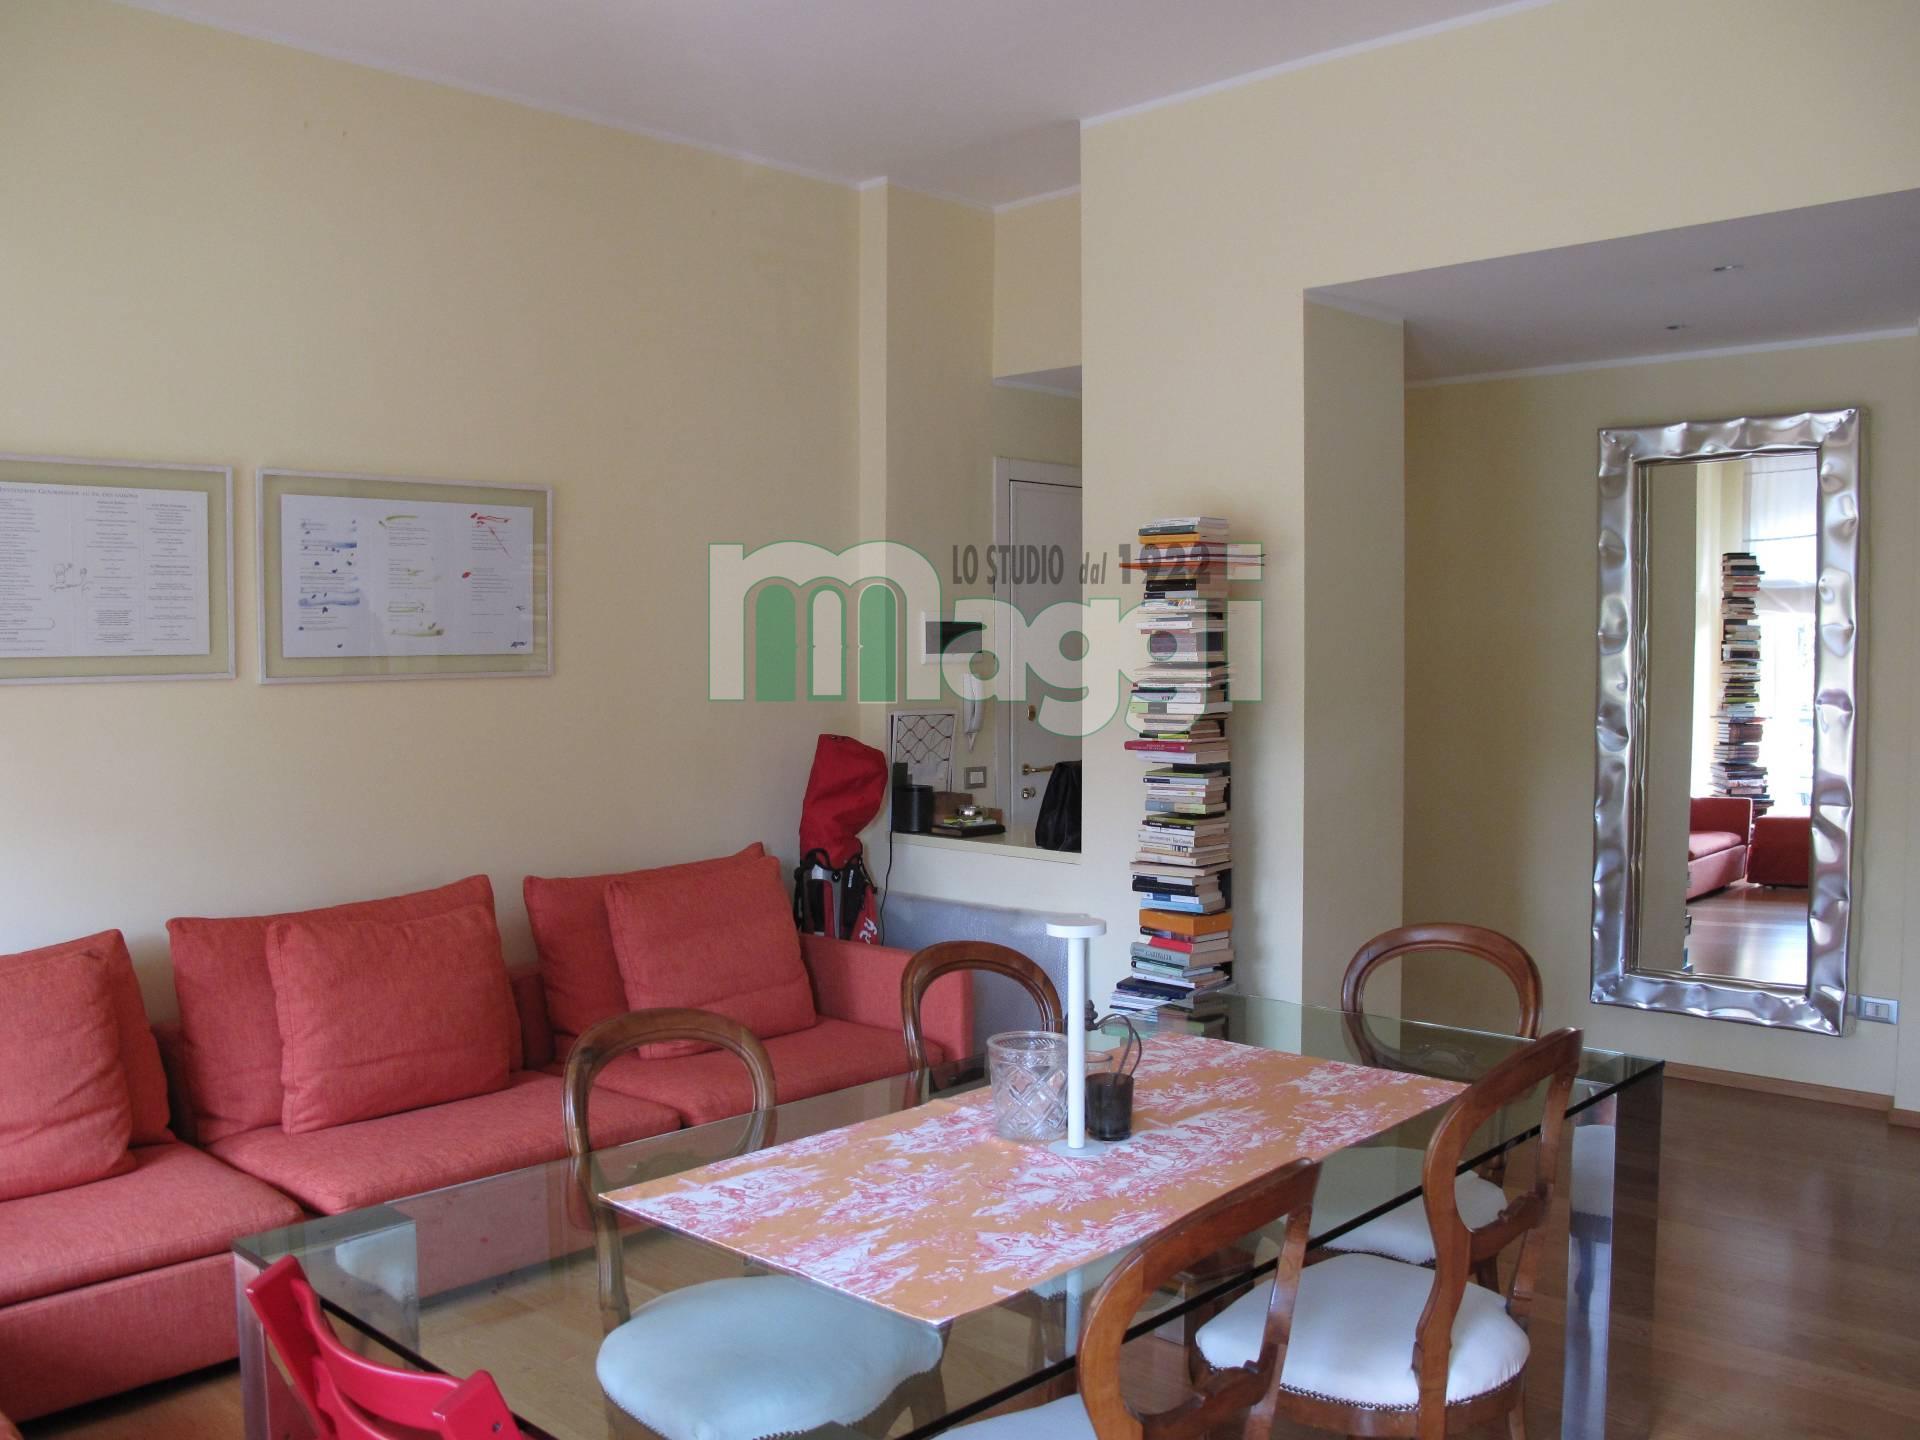 appartamento in affitto a milano piazza piazzale biancamano